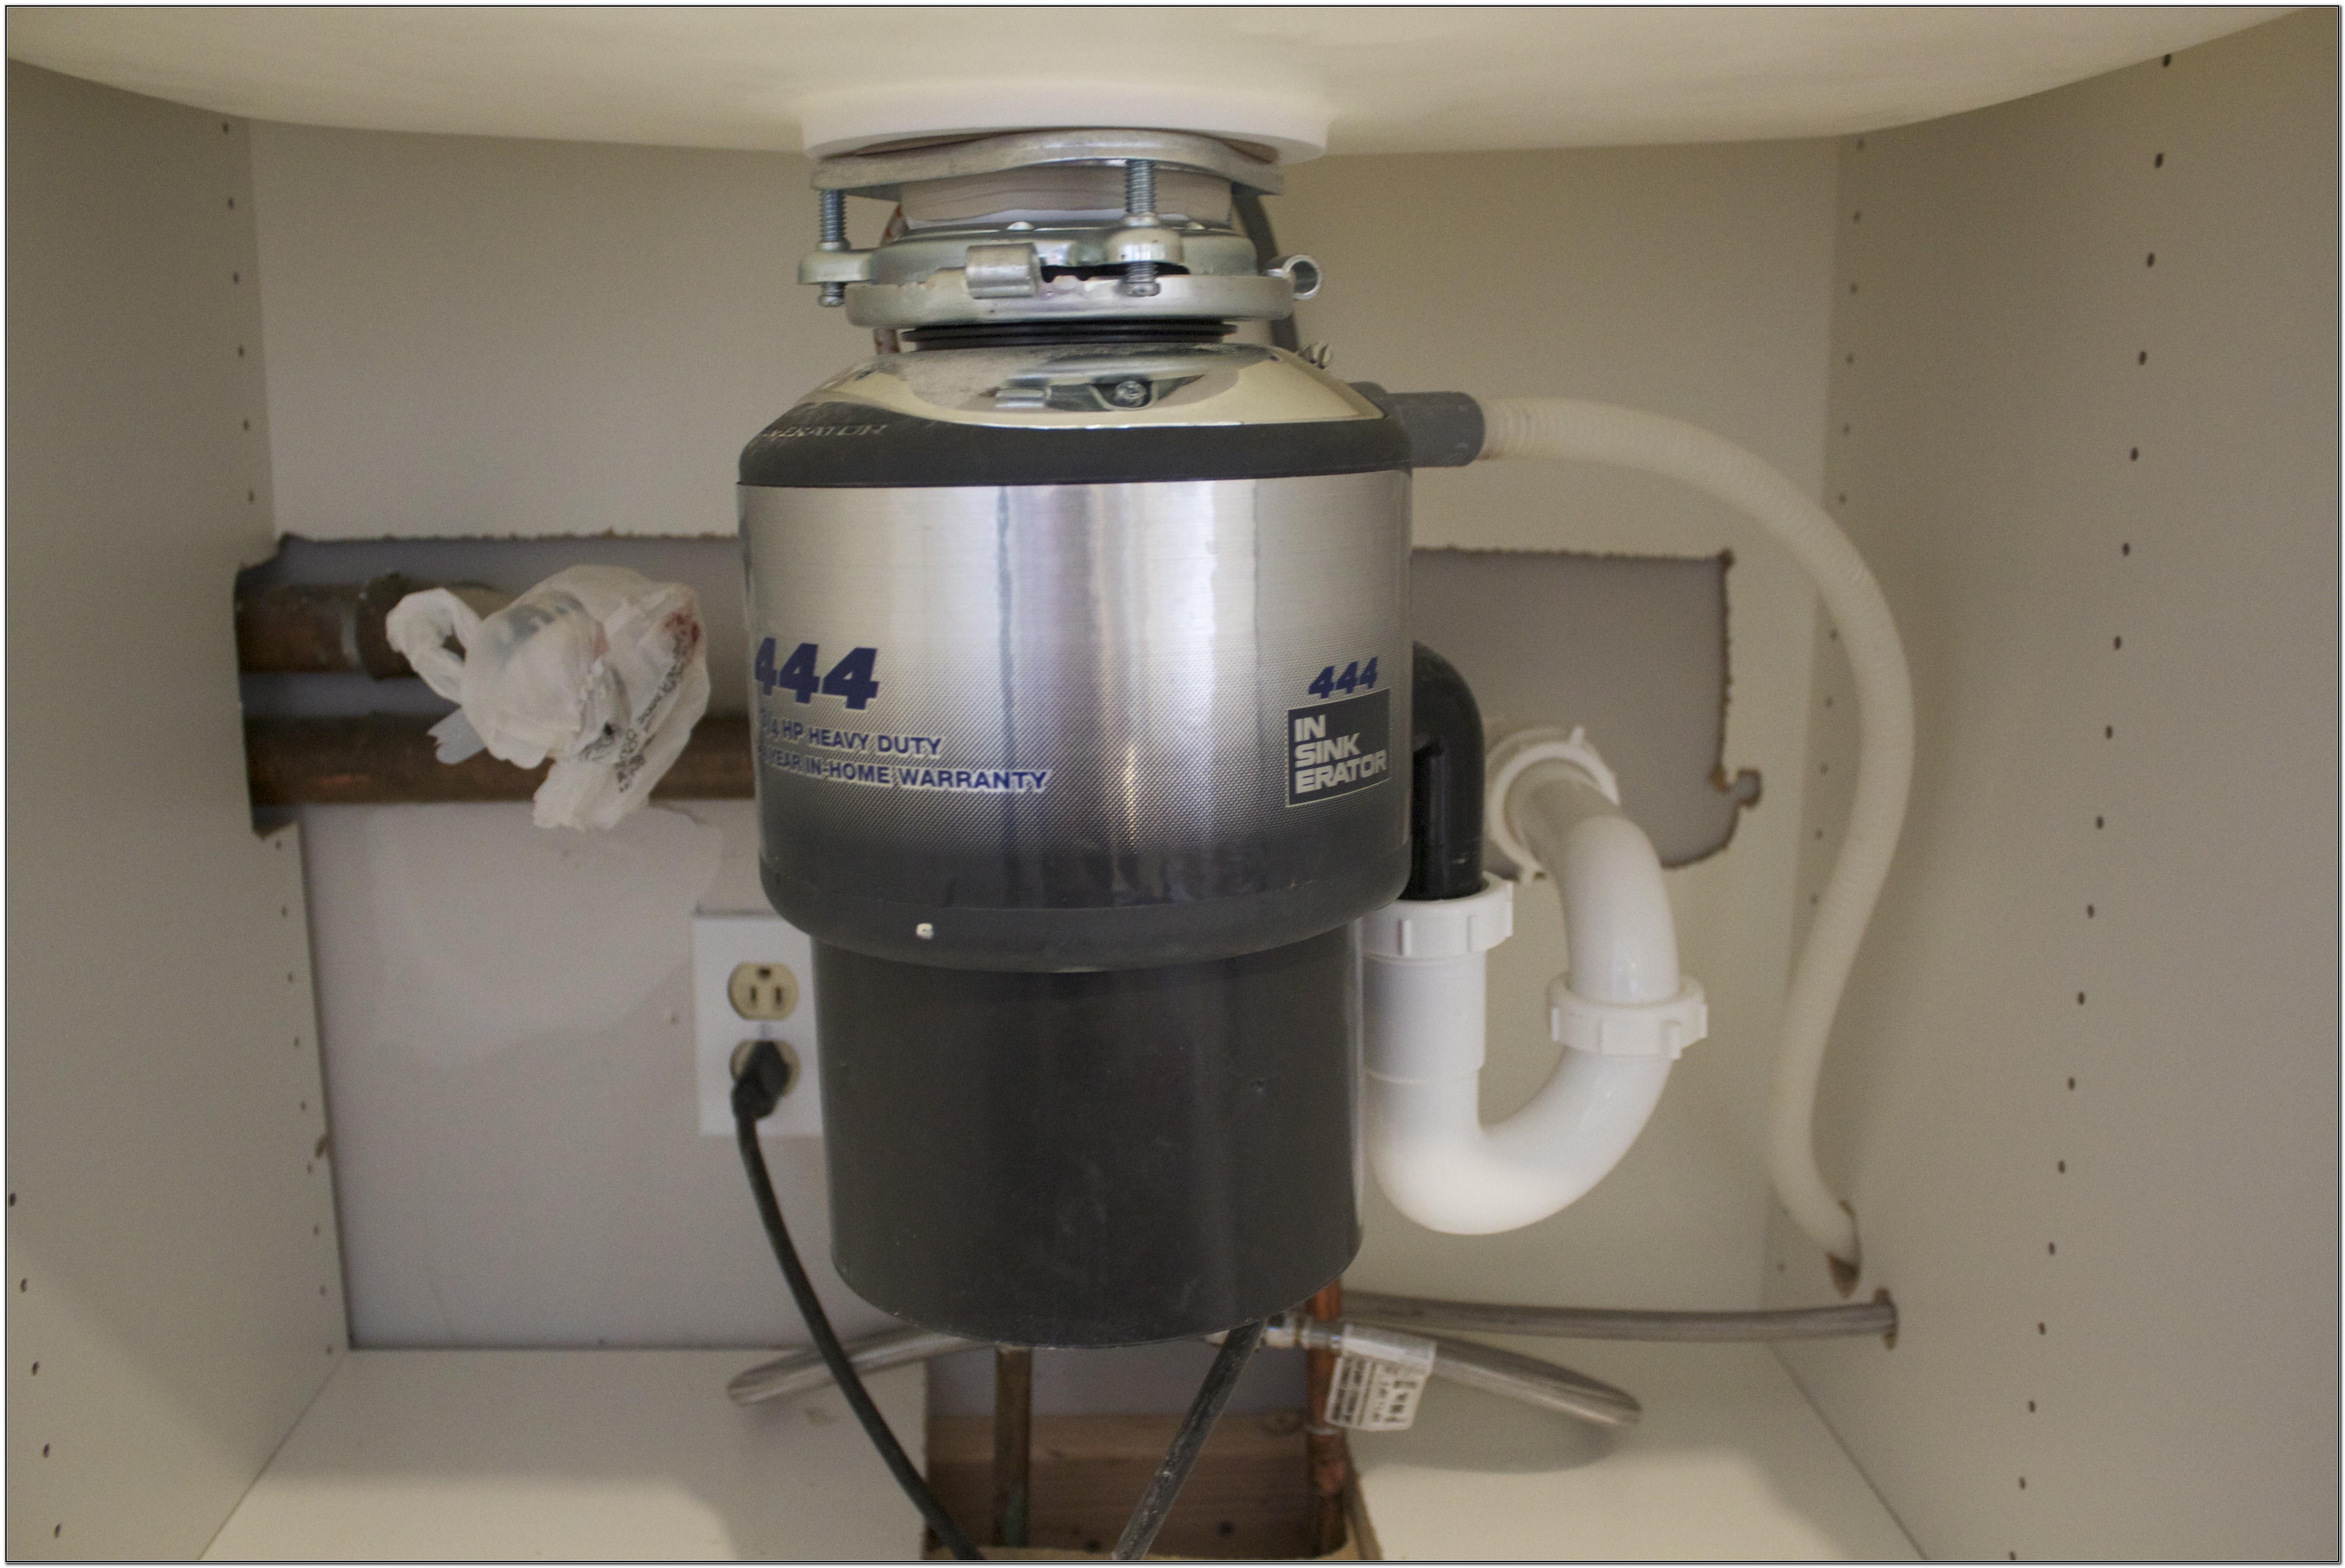 Install Hot Water Dispenser Kitchen Sink